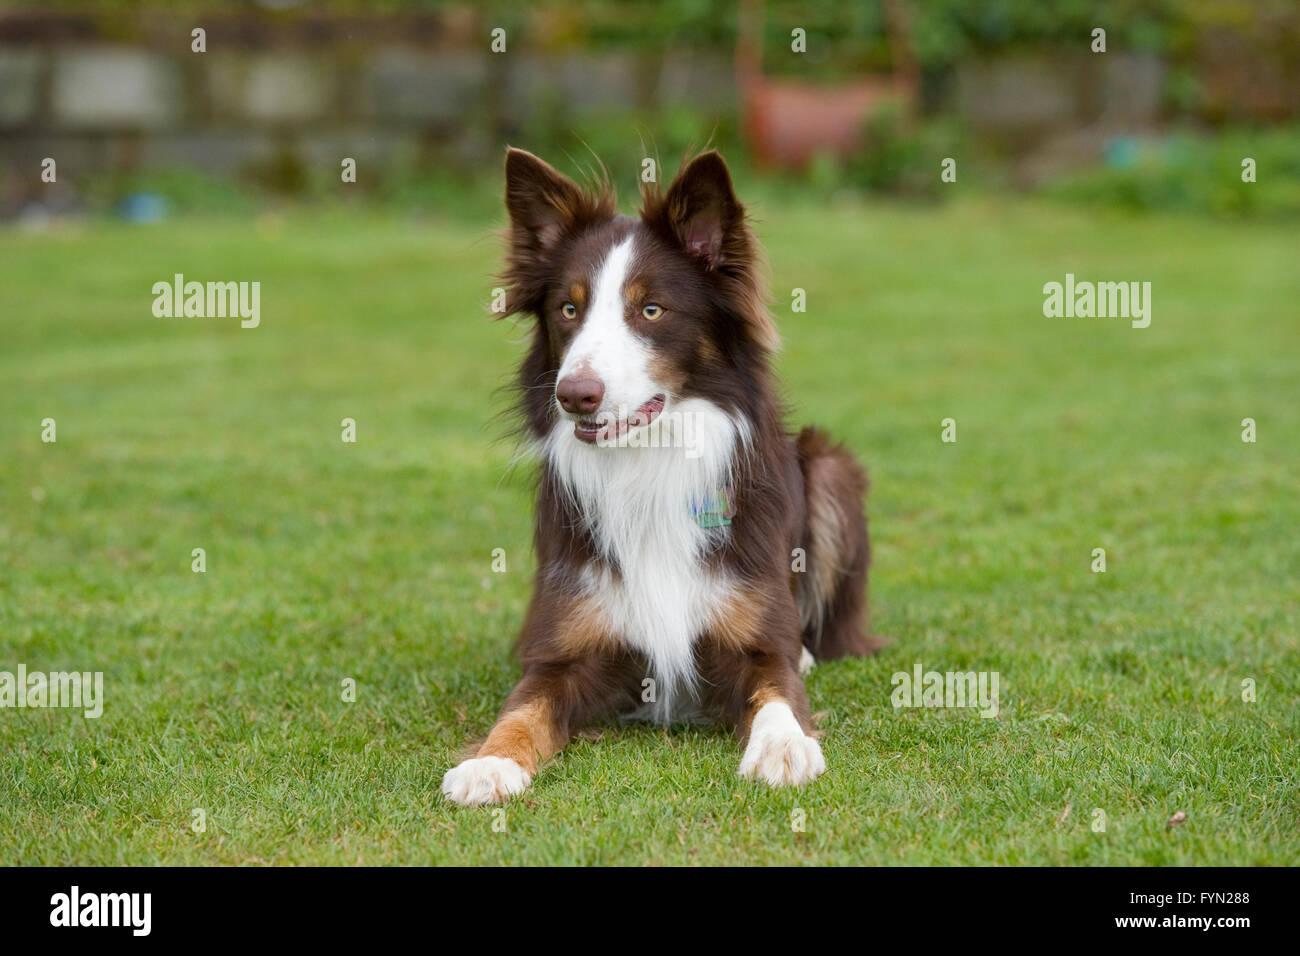 Red Sheepdog Imagenes De Stock Red Sheepdog Fotos De Stock Alamy